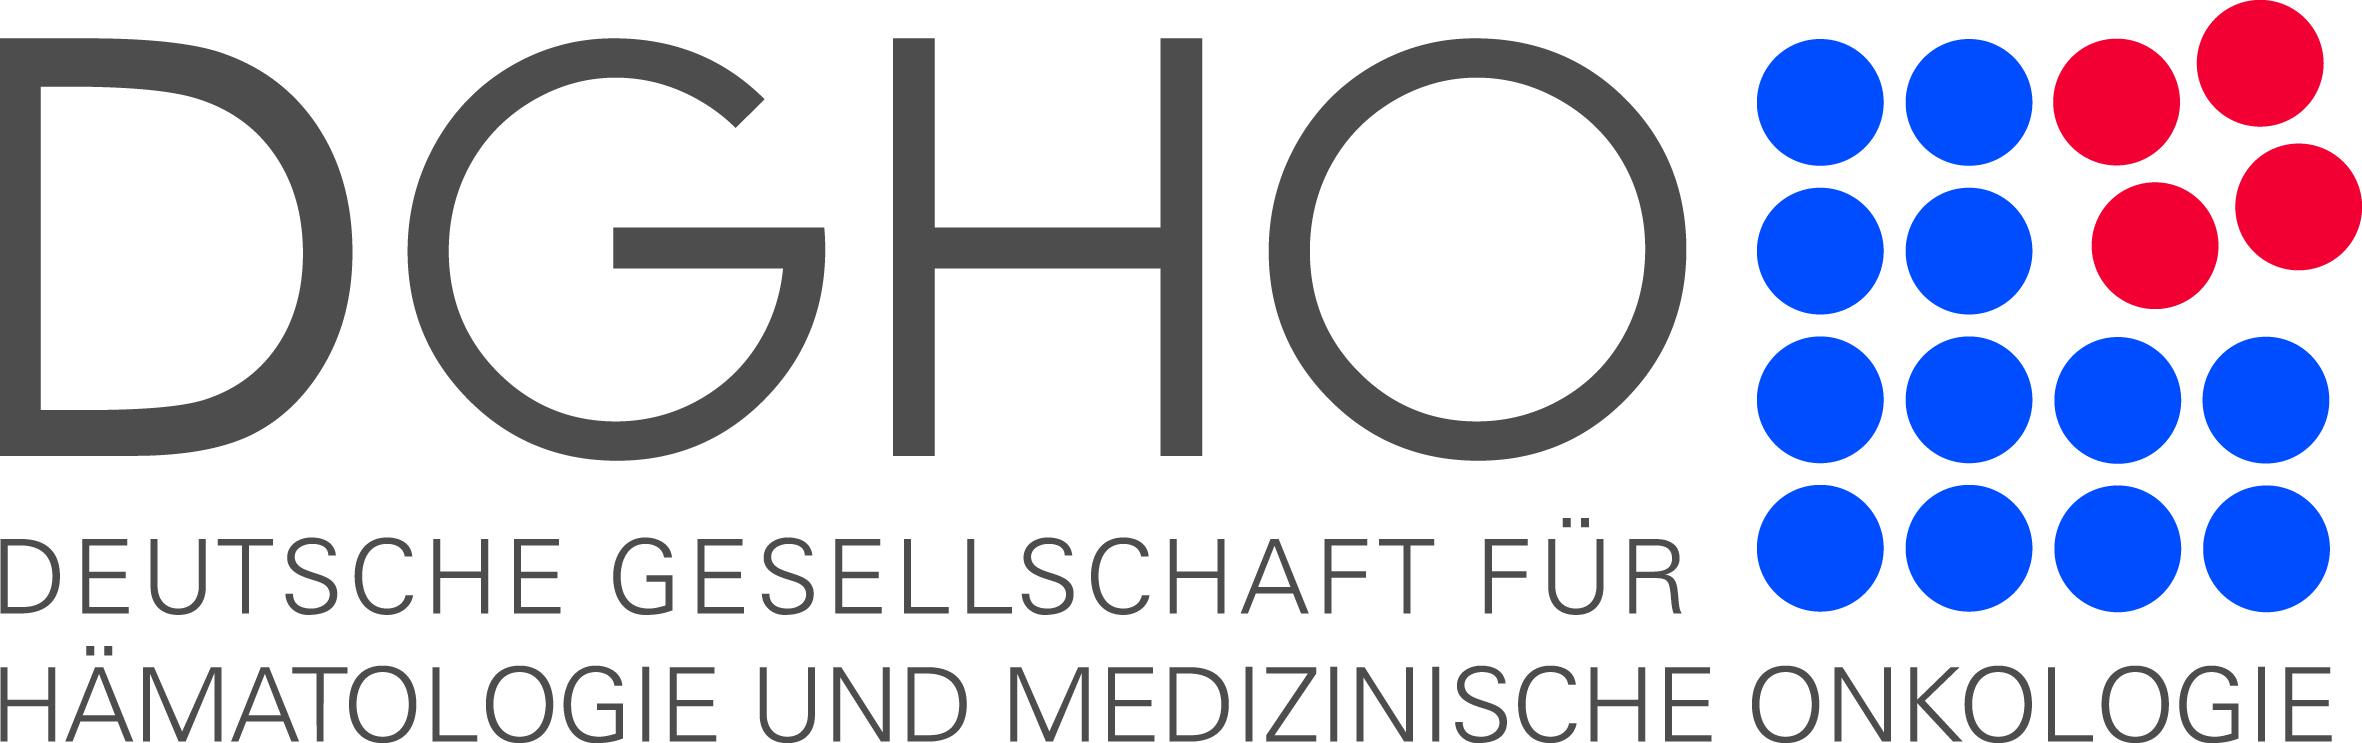 Deutsche Gesellschaft für Hämatologie und Medizinische Onkologie e.V.